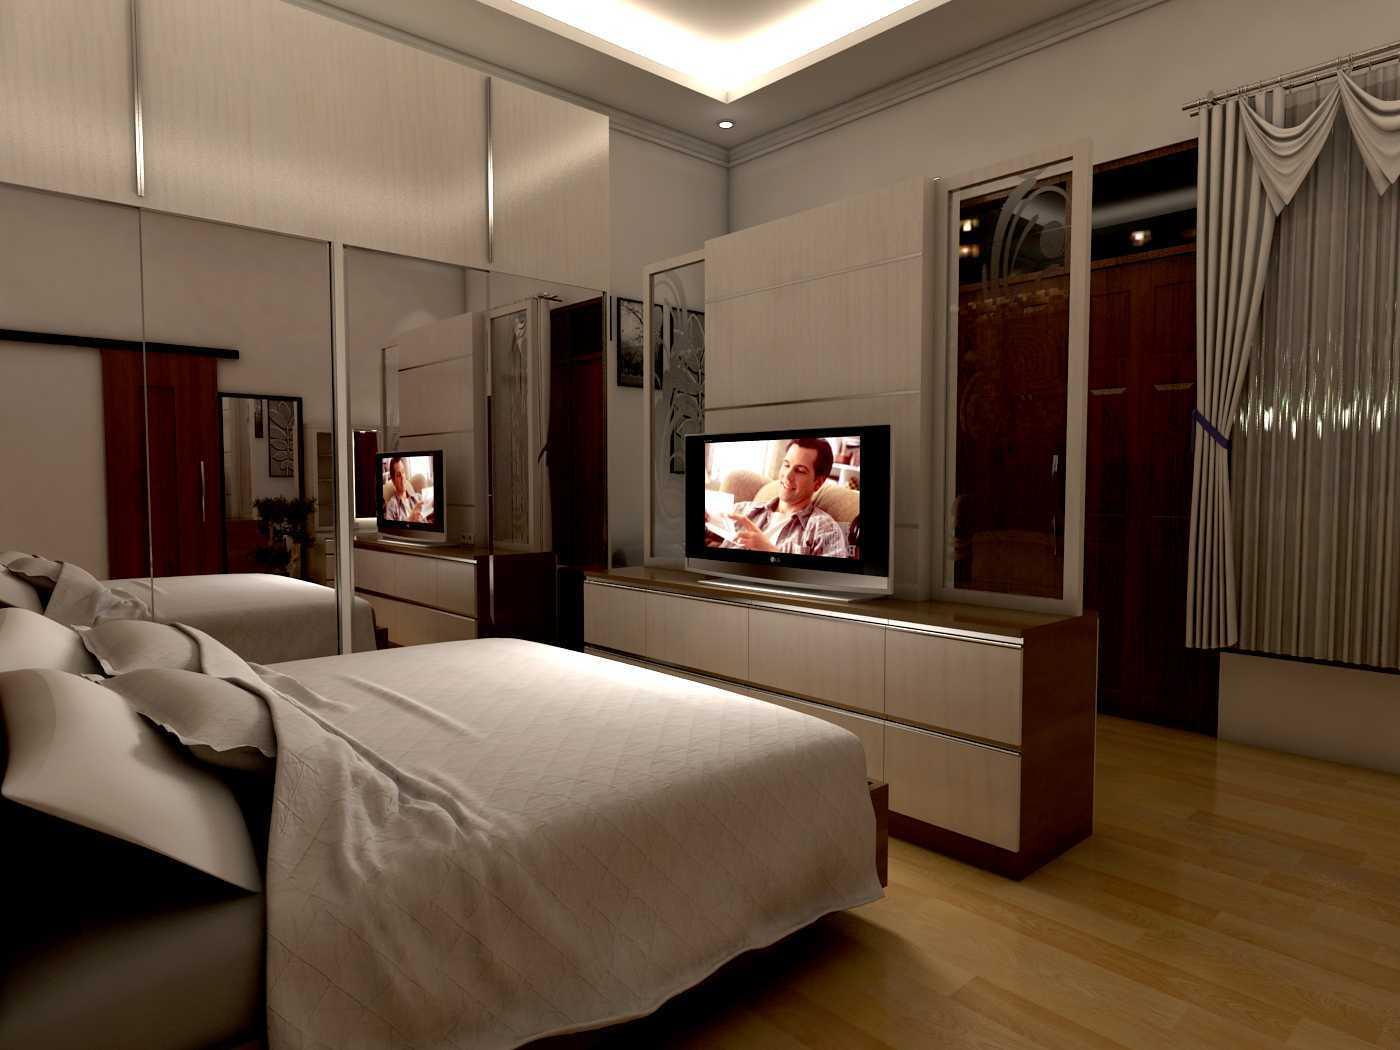 Amadeus Robert Interior Design And Contractor Mi Master Bedroom Kalibata, Jakarta Selatan Kalibata, Jakarta Selatan Master Bedroom  19606